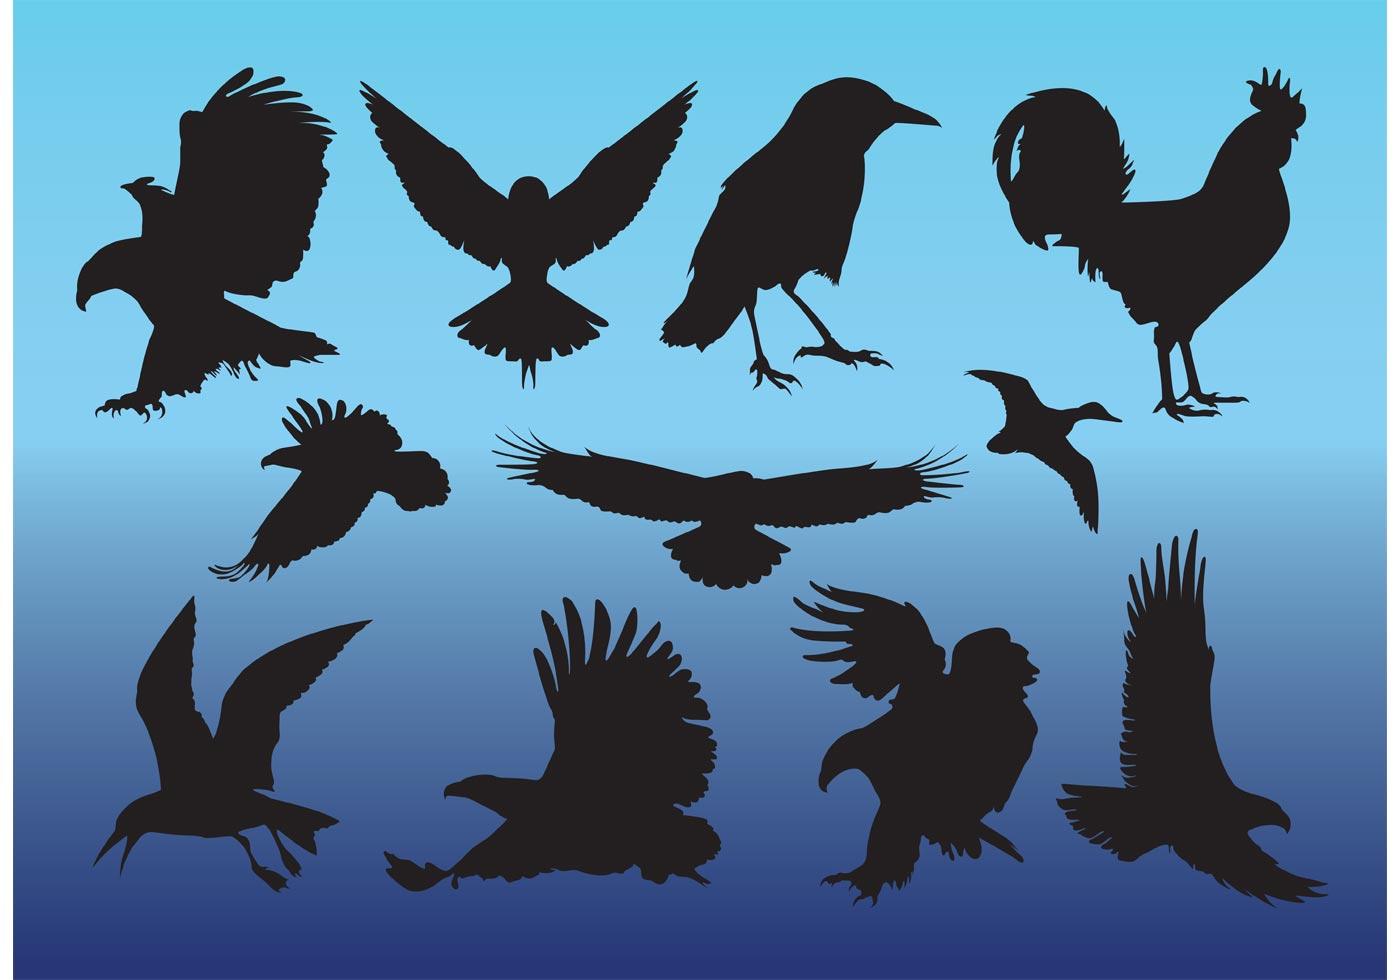 Free Birds Vectors - Download Free Vector Art, Stock ... - photo#32